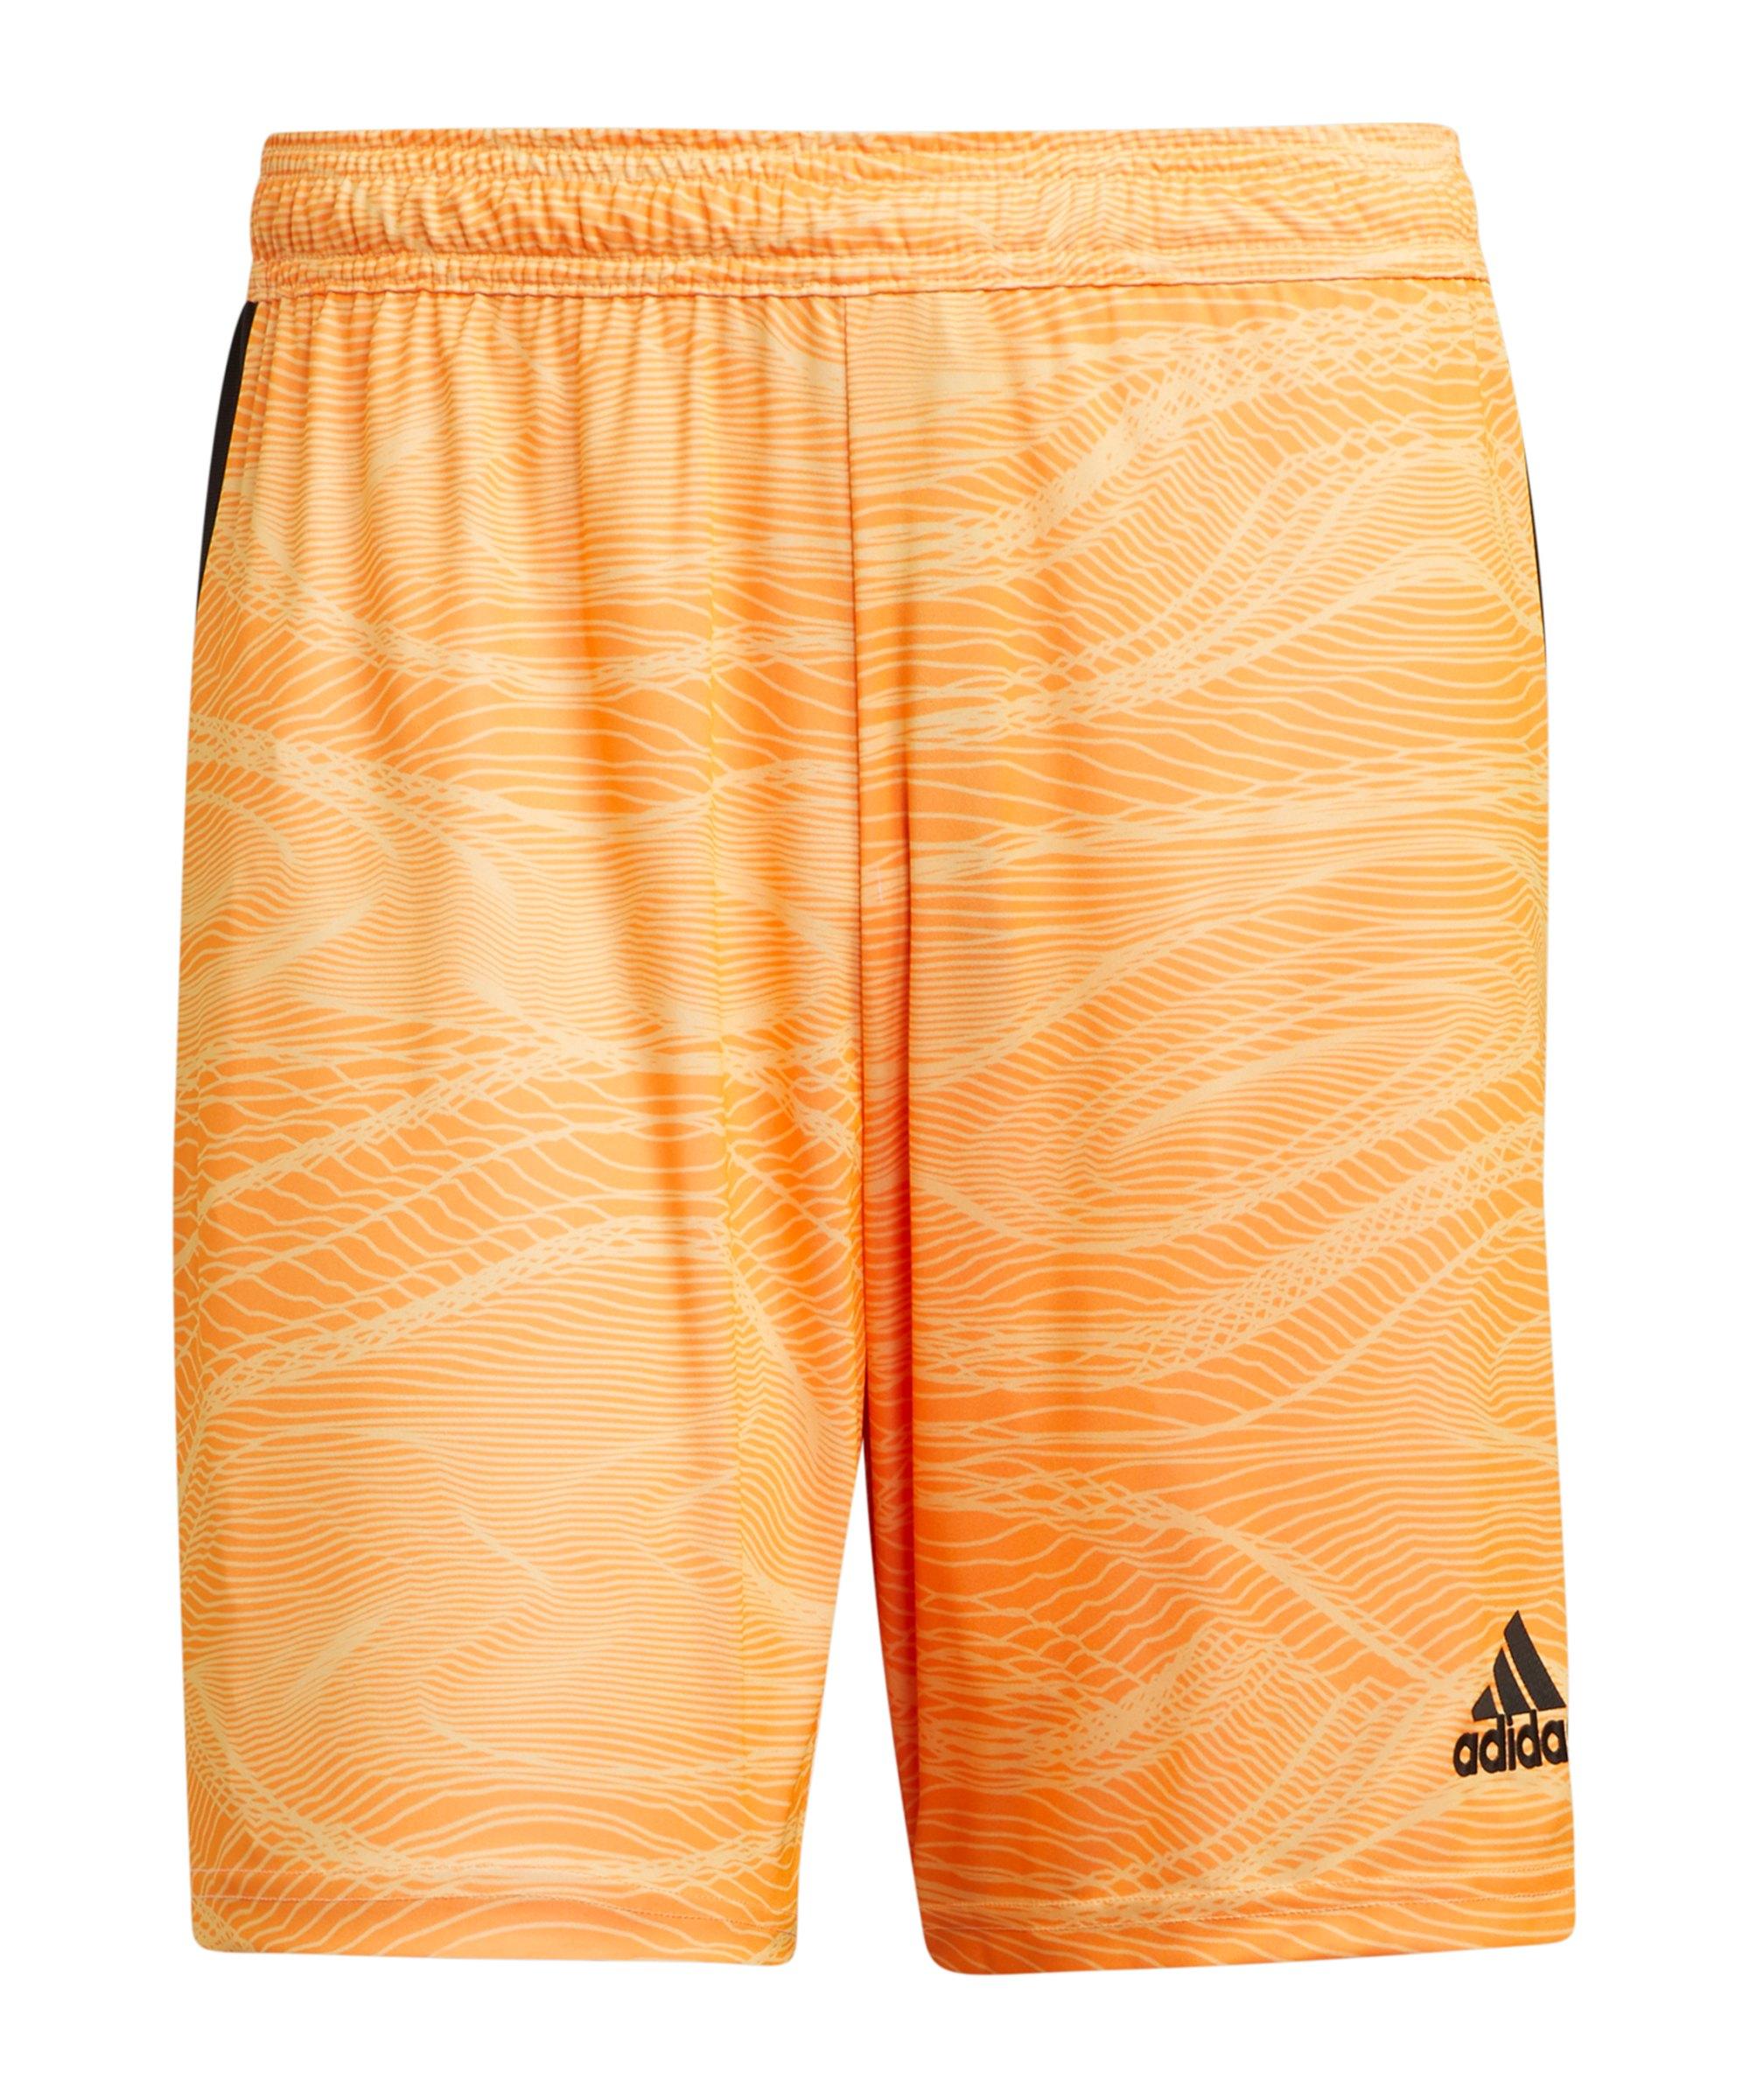 adidas Condivo 21 Torwartshort Orange - orange